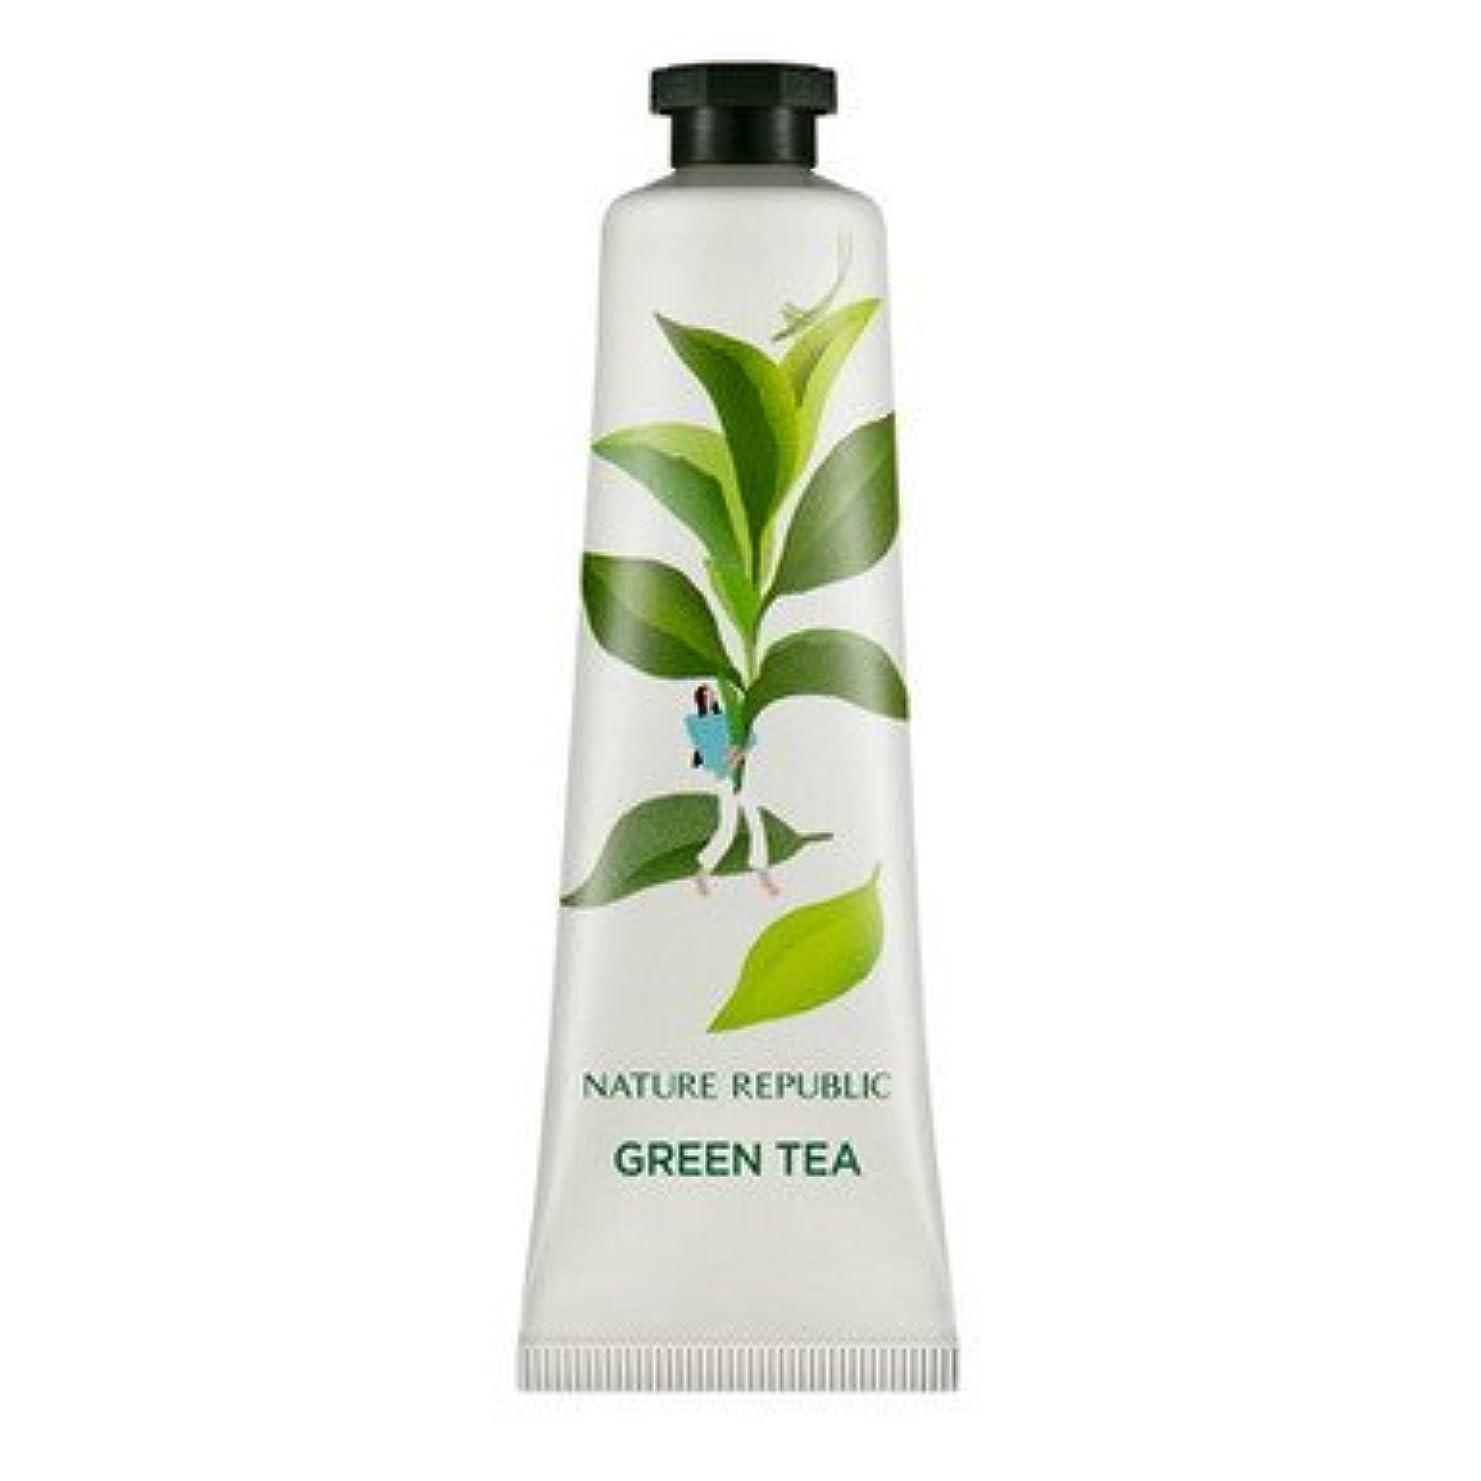 印刷するランダムカーペットNATURE REPUBLIC (ネイチャーリパブリック) ハンド アンド ネイチャー ハンドクリーム30ml (18種類選択1) (緑茶の香り) [並行輸入品]